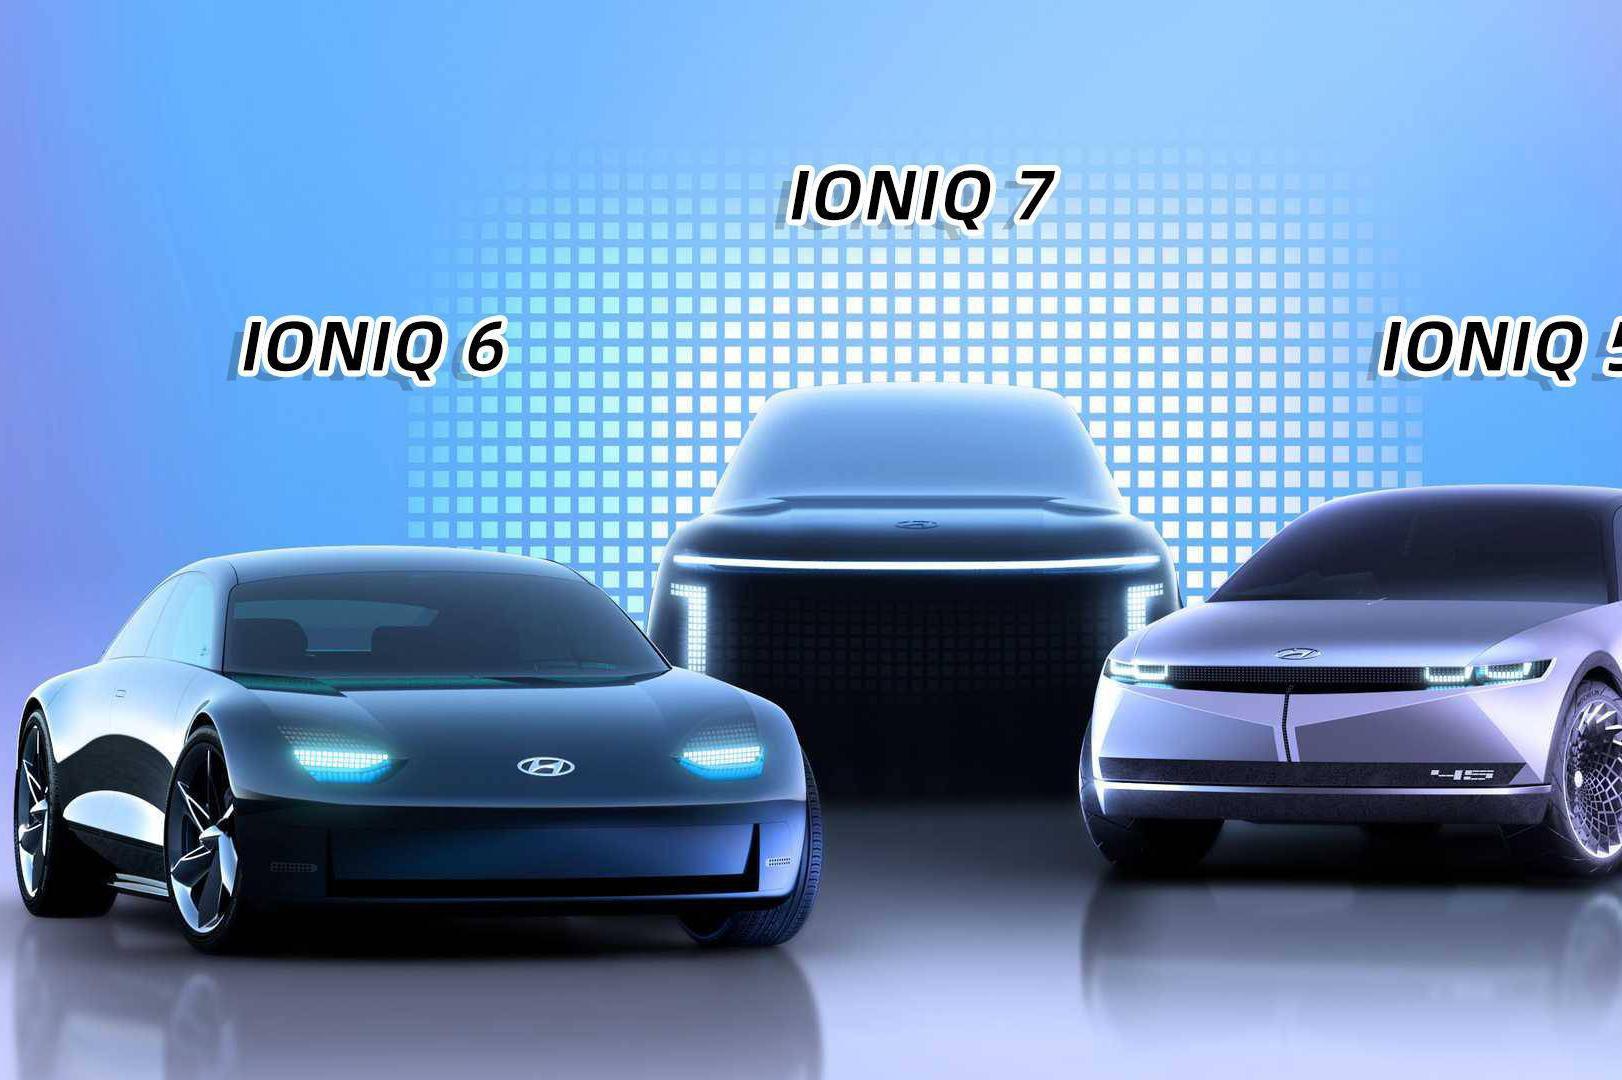 专注纯电动领域?现代发布IONIQ品牌有何深意